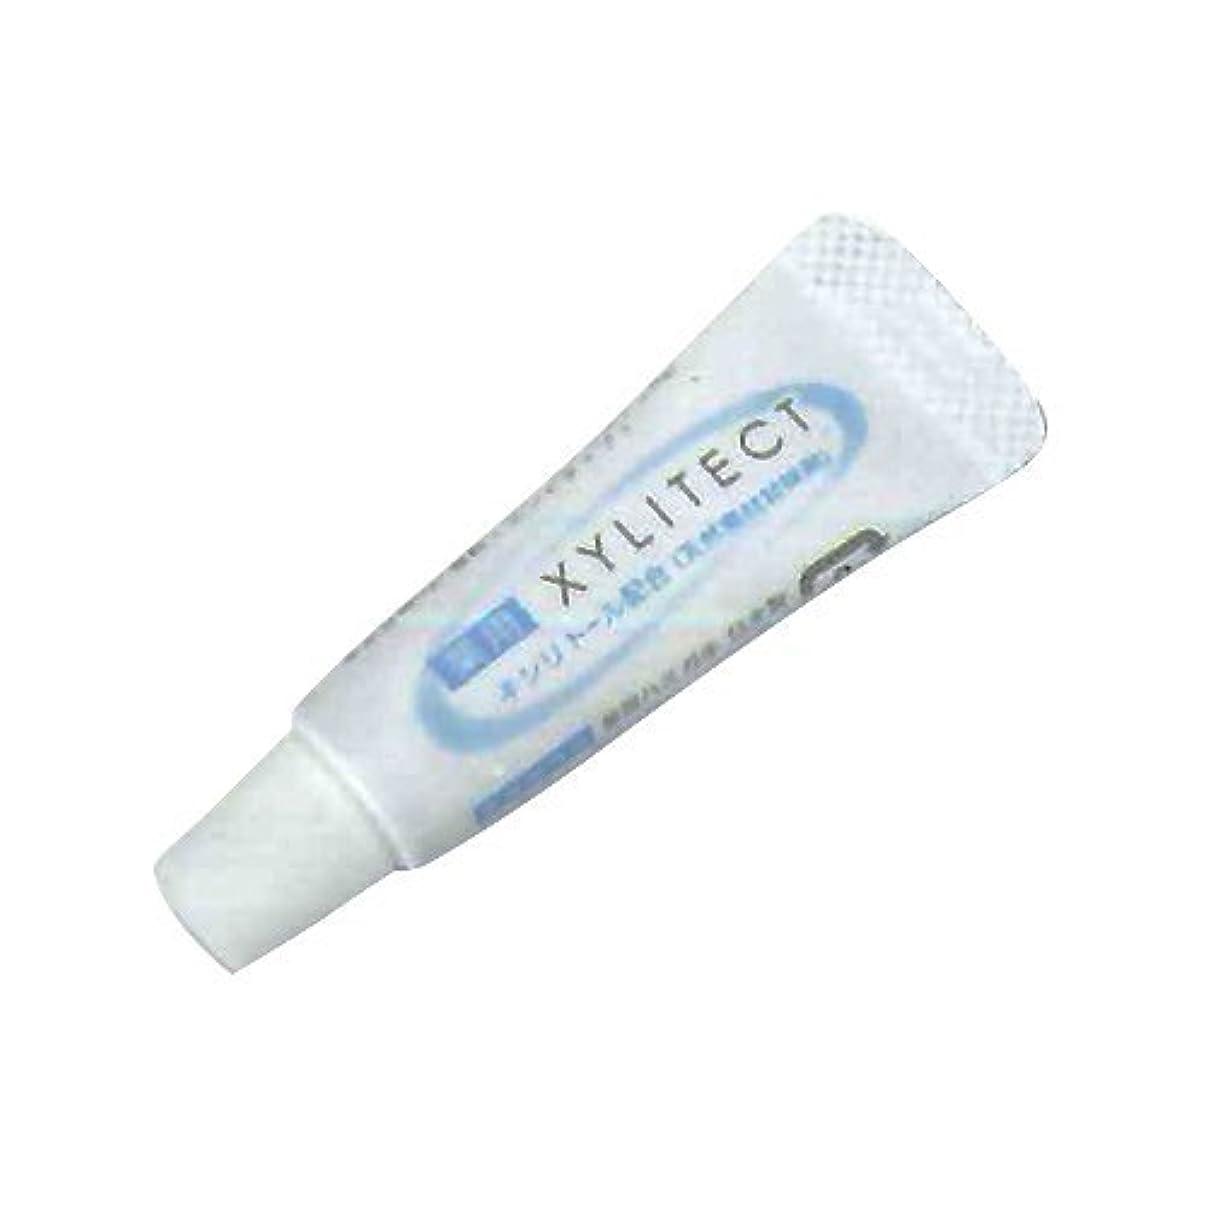 のブレーキチャレンジ業務用歯磨き粉 薬用キシリテクト (XYLITECT) 4.5g ×100個セット (個包装タイプ) | ホテルアメニティ ハミガキ toothpaste